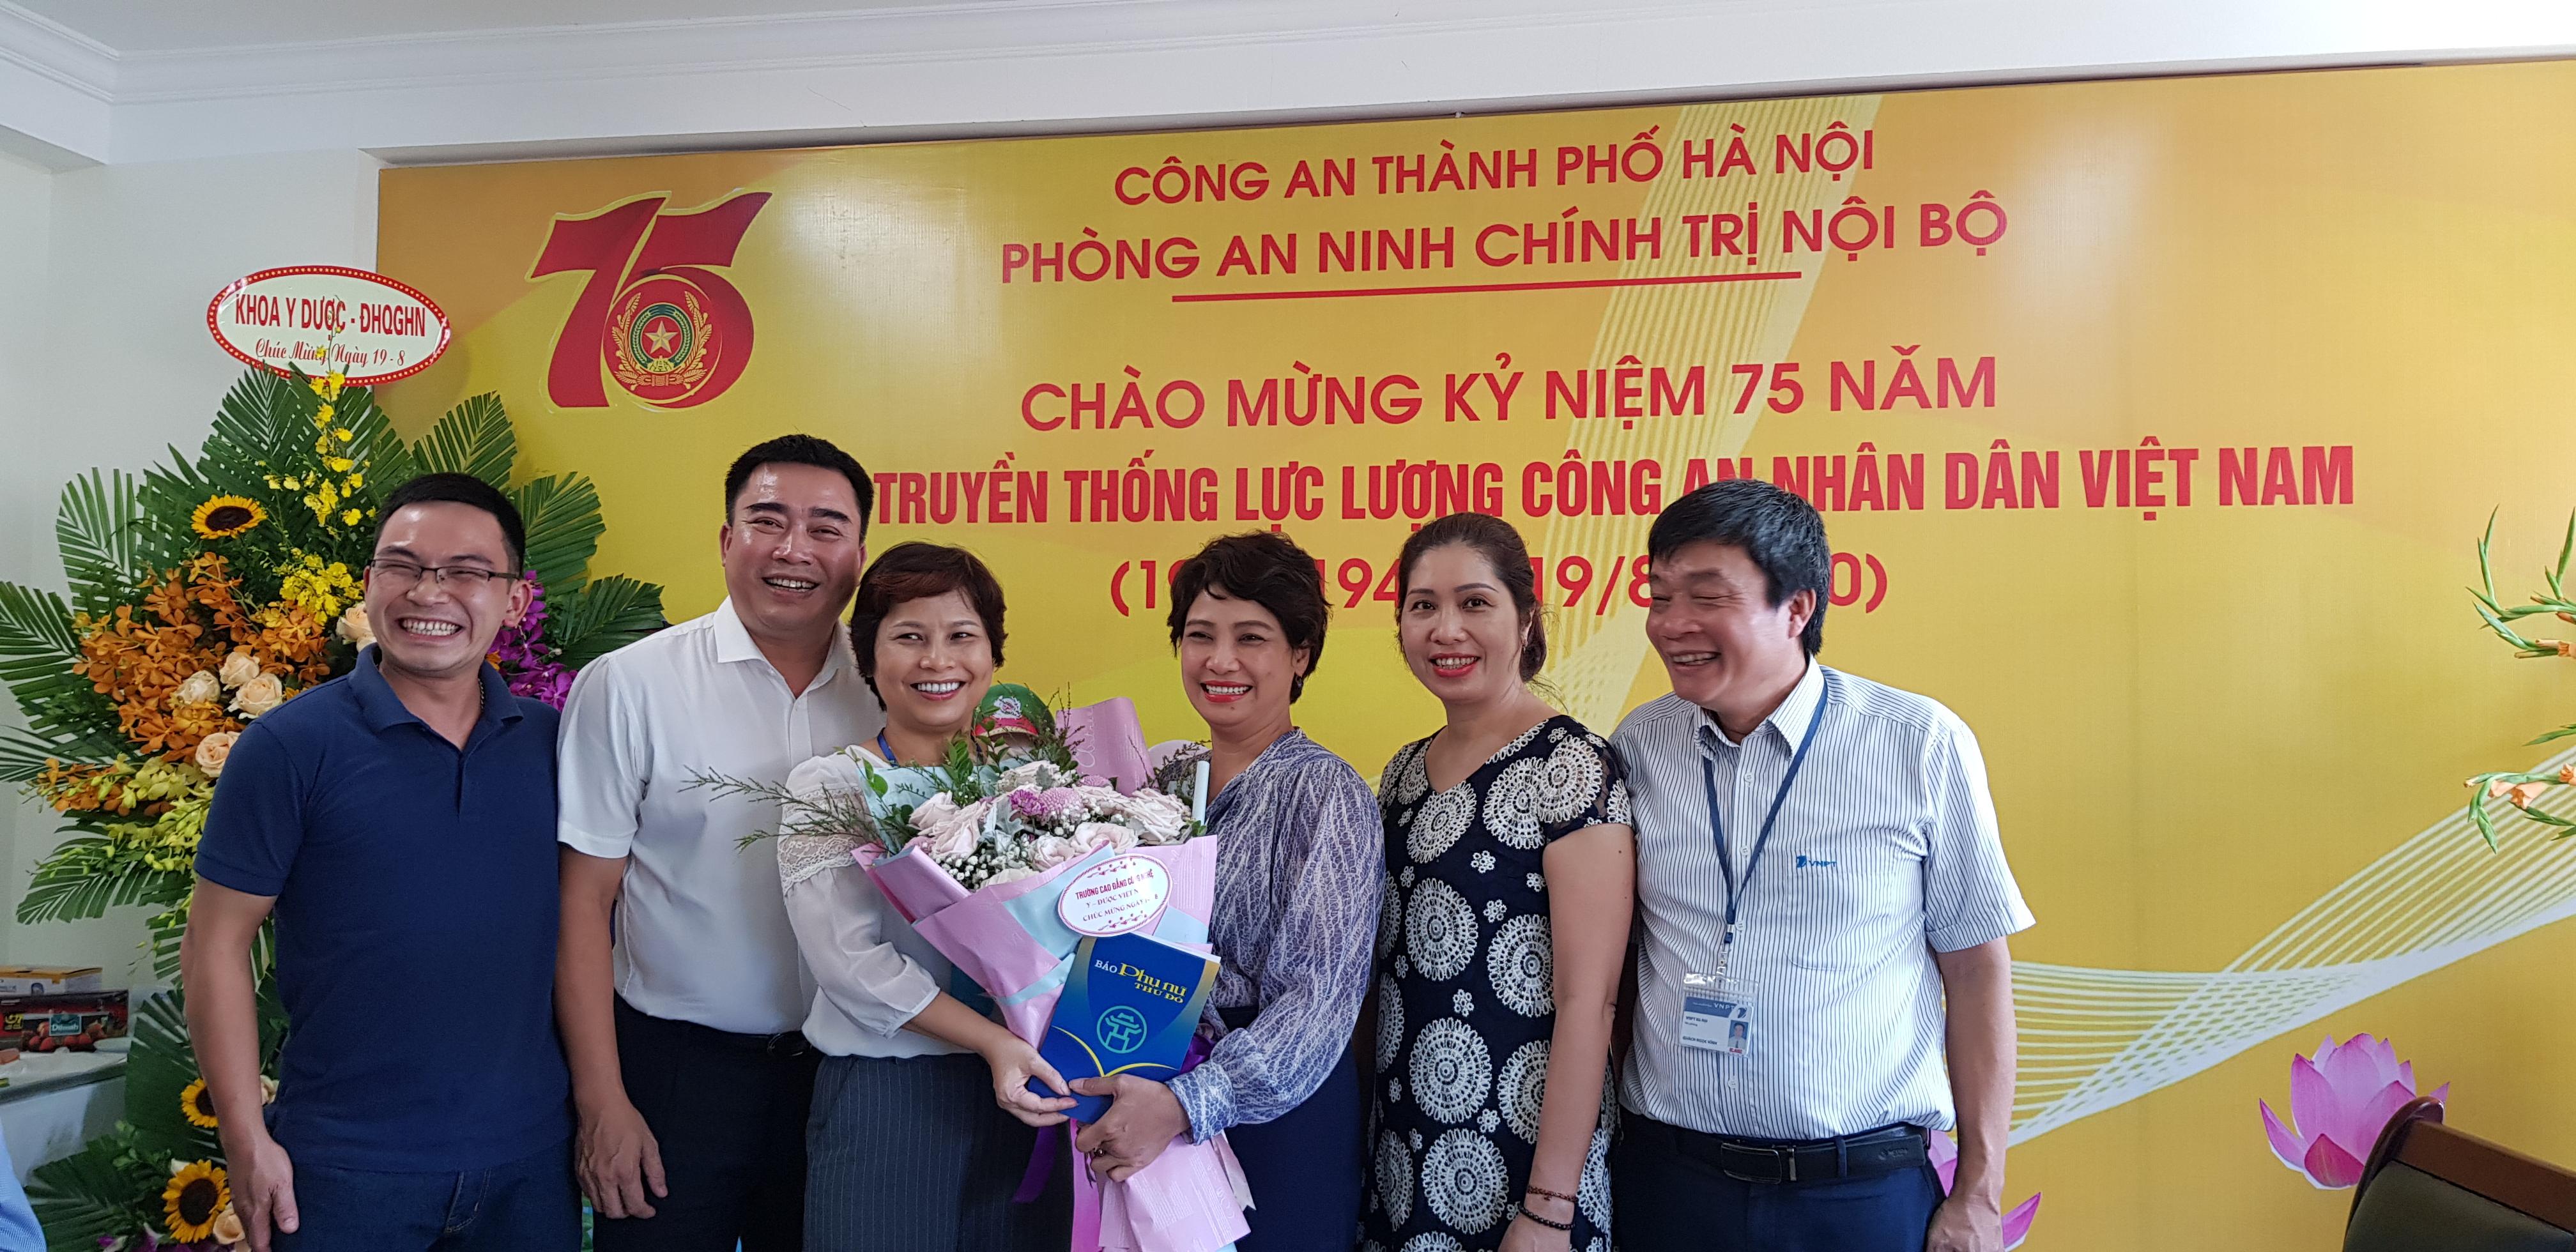 Ban Biên tập Báo Phụ nữ Thủ đô chúc mừng lãnh đạo và chiến sỹ Phòng An ninh Chính trị nội bộ (Công an nhân dân thành phố Hà Nội).